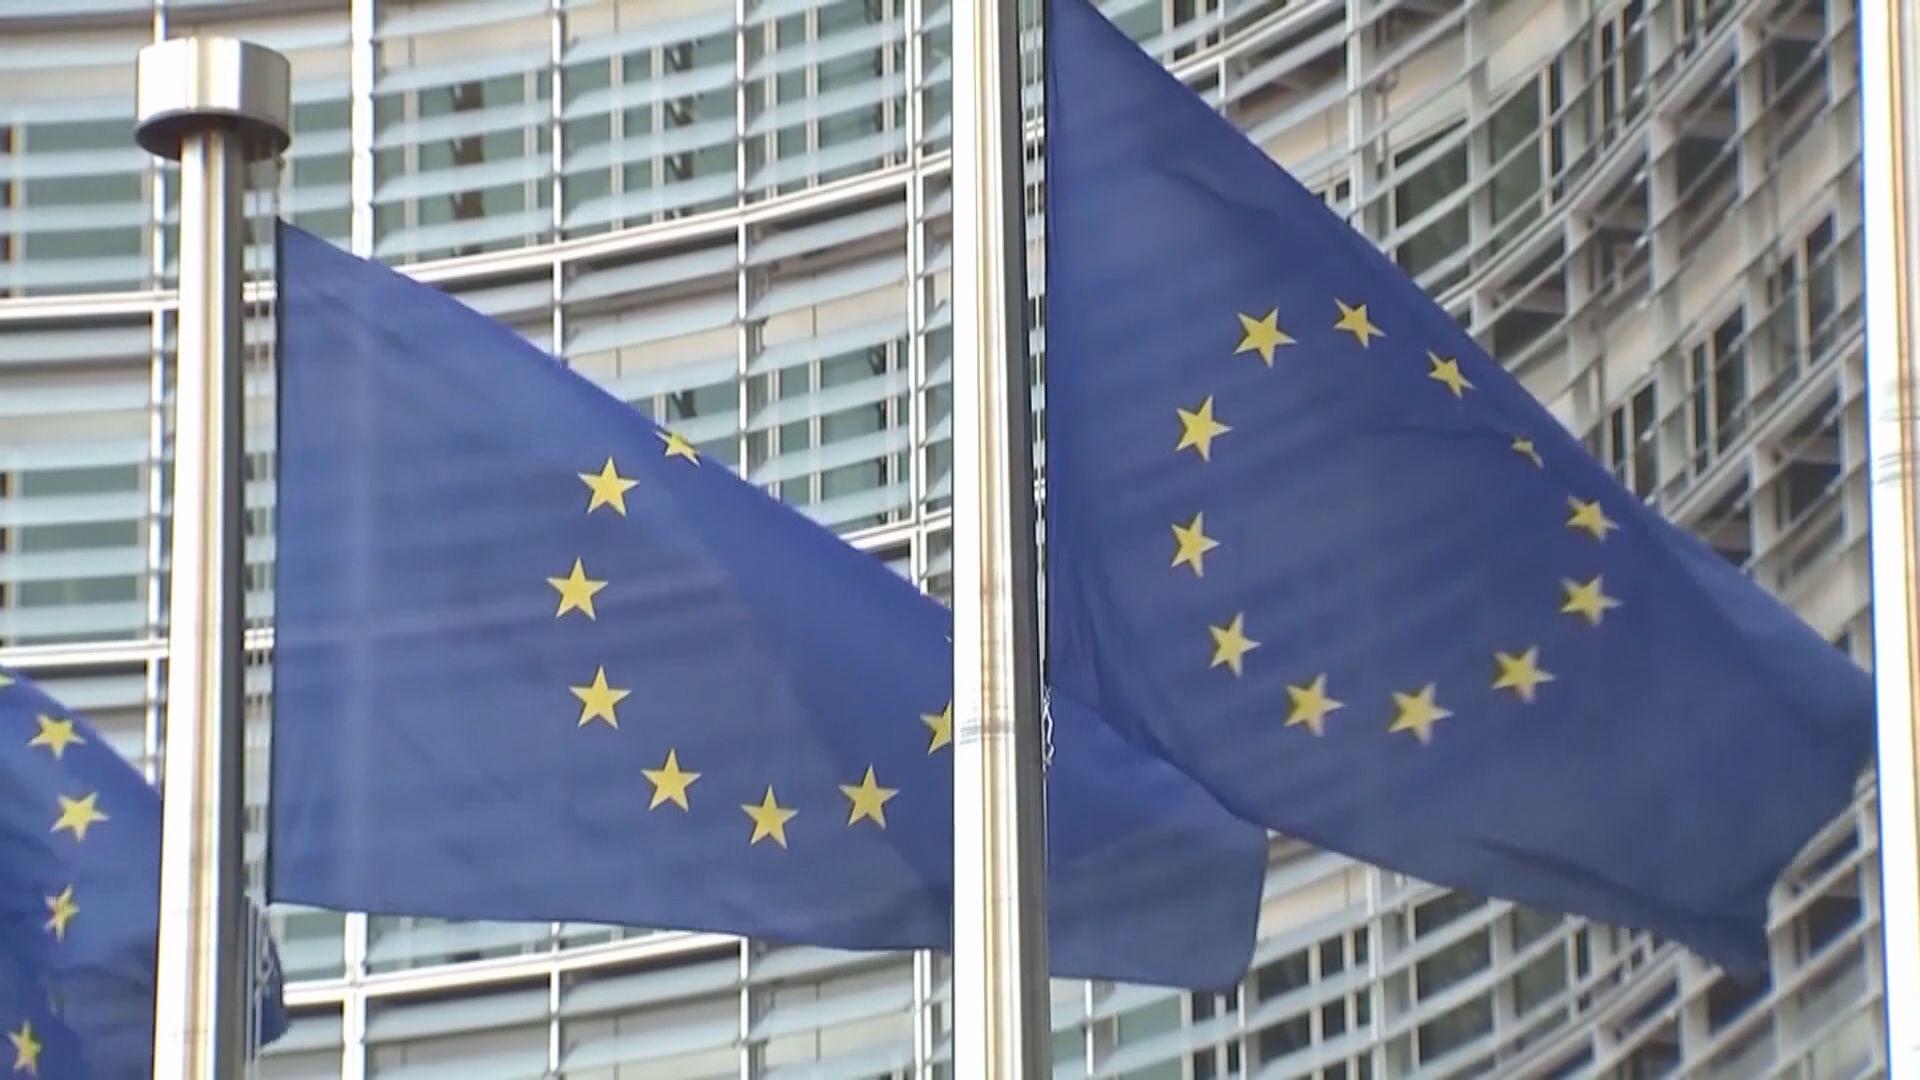 歐盟:由成員國自行決定是否禁用指定企業